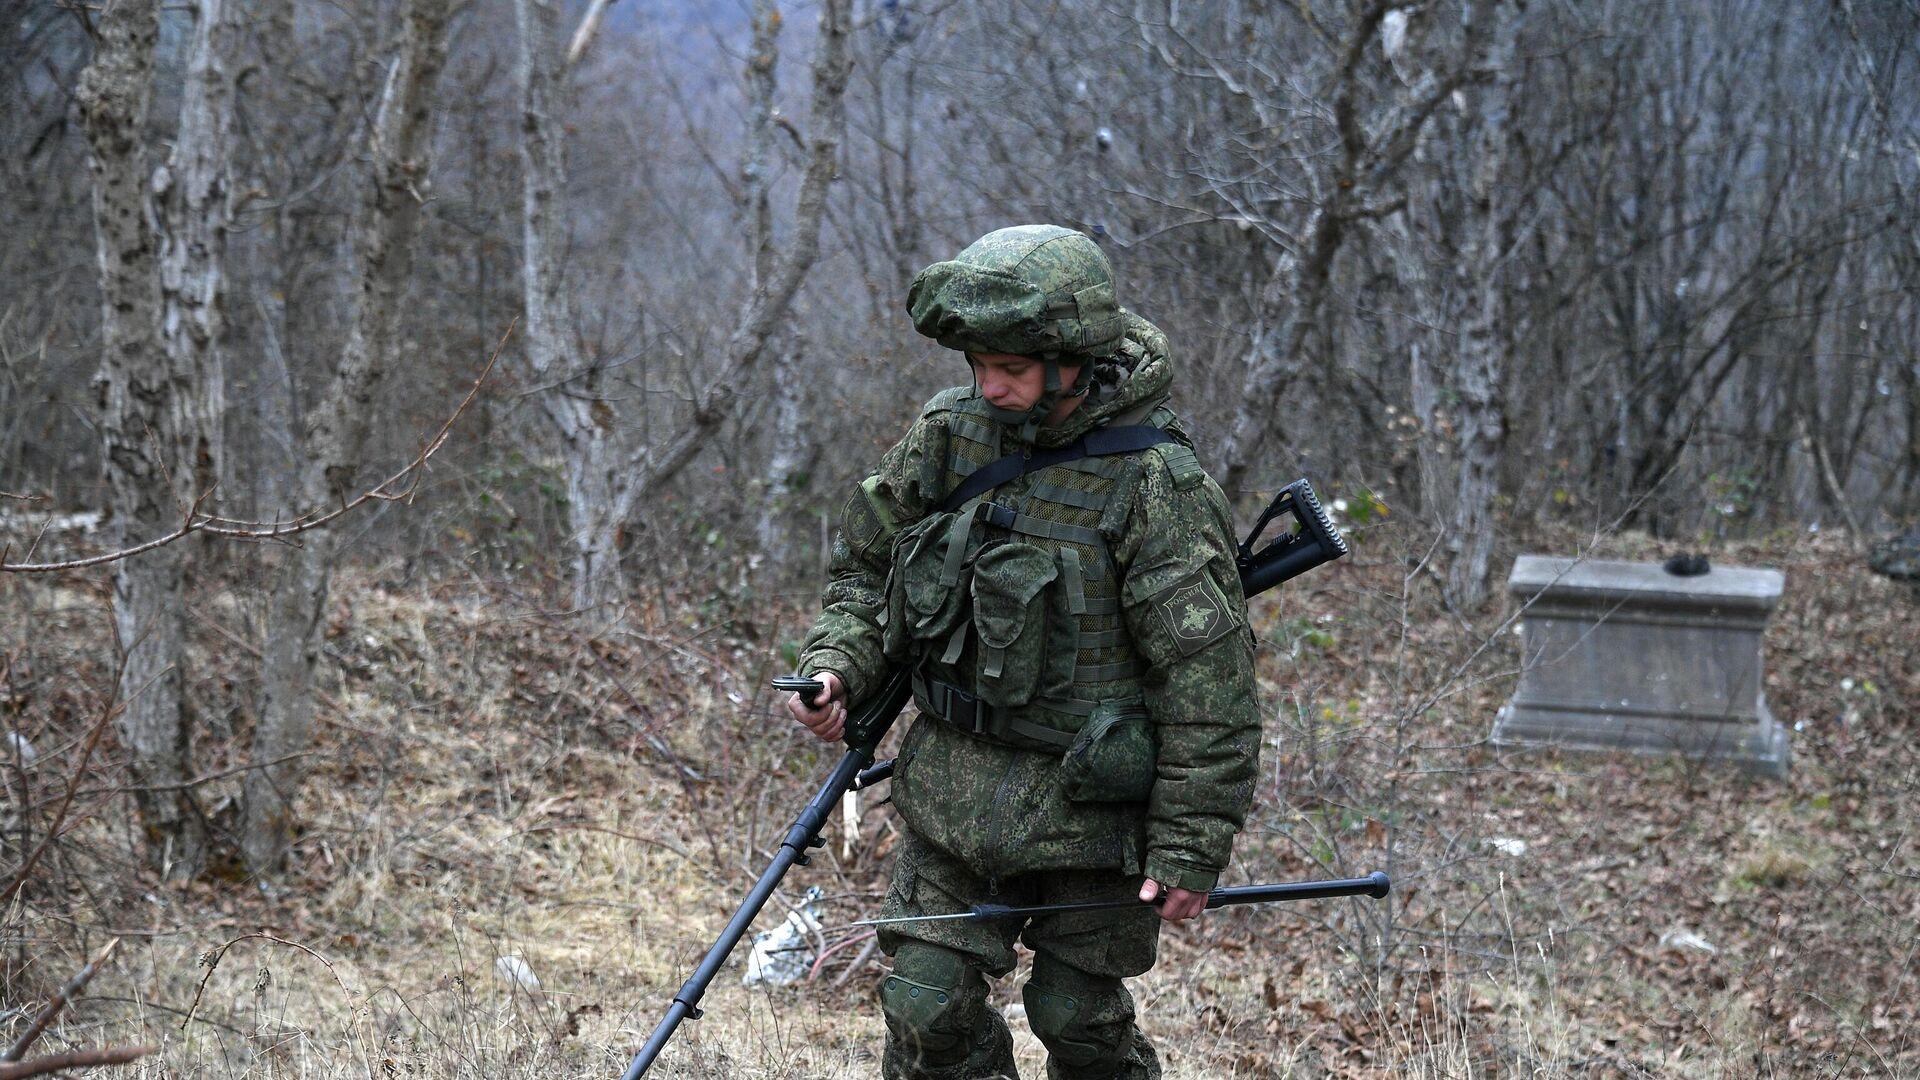 Сапер Вооруженных сил РФ проводит гуманитарное разминирование местности в Нагорном Карабахе - РИА Новости, 1920, 28.11.2020